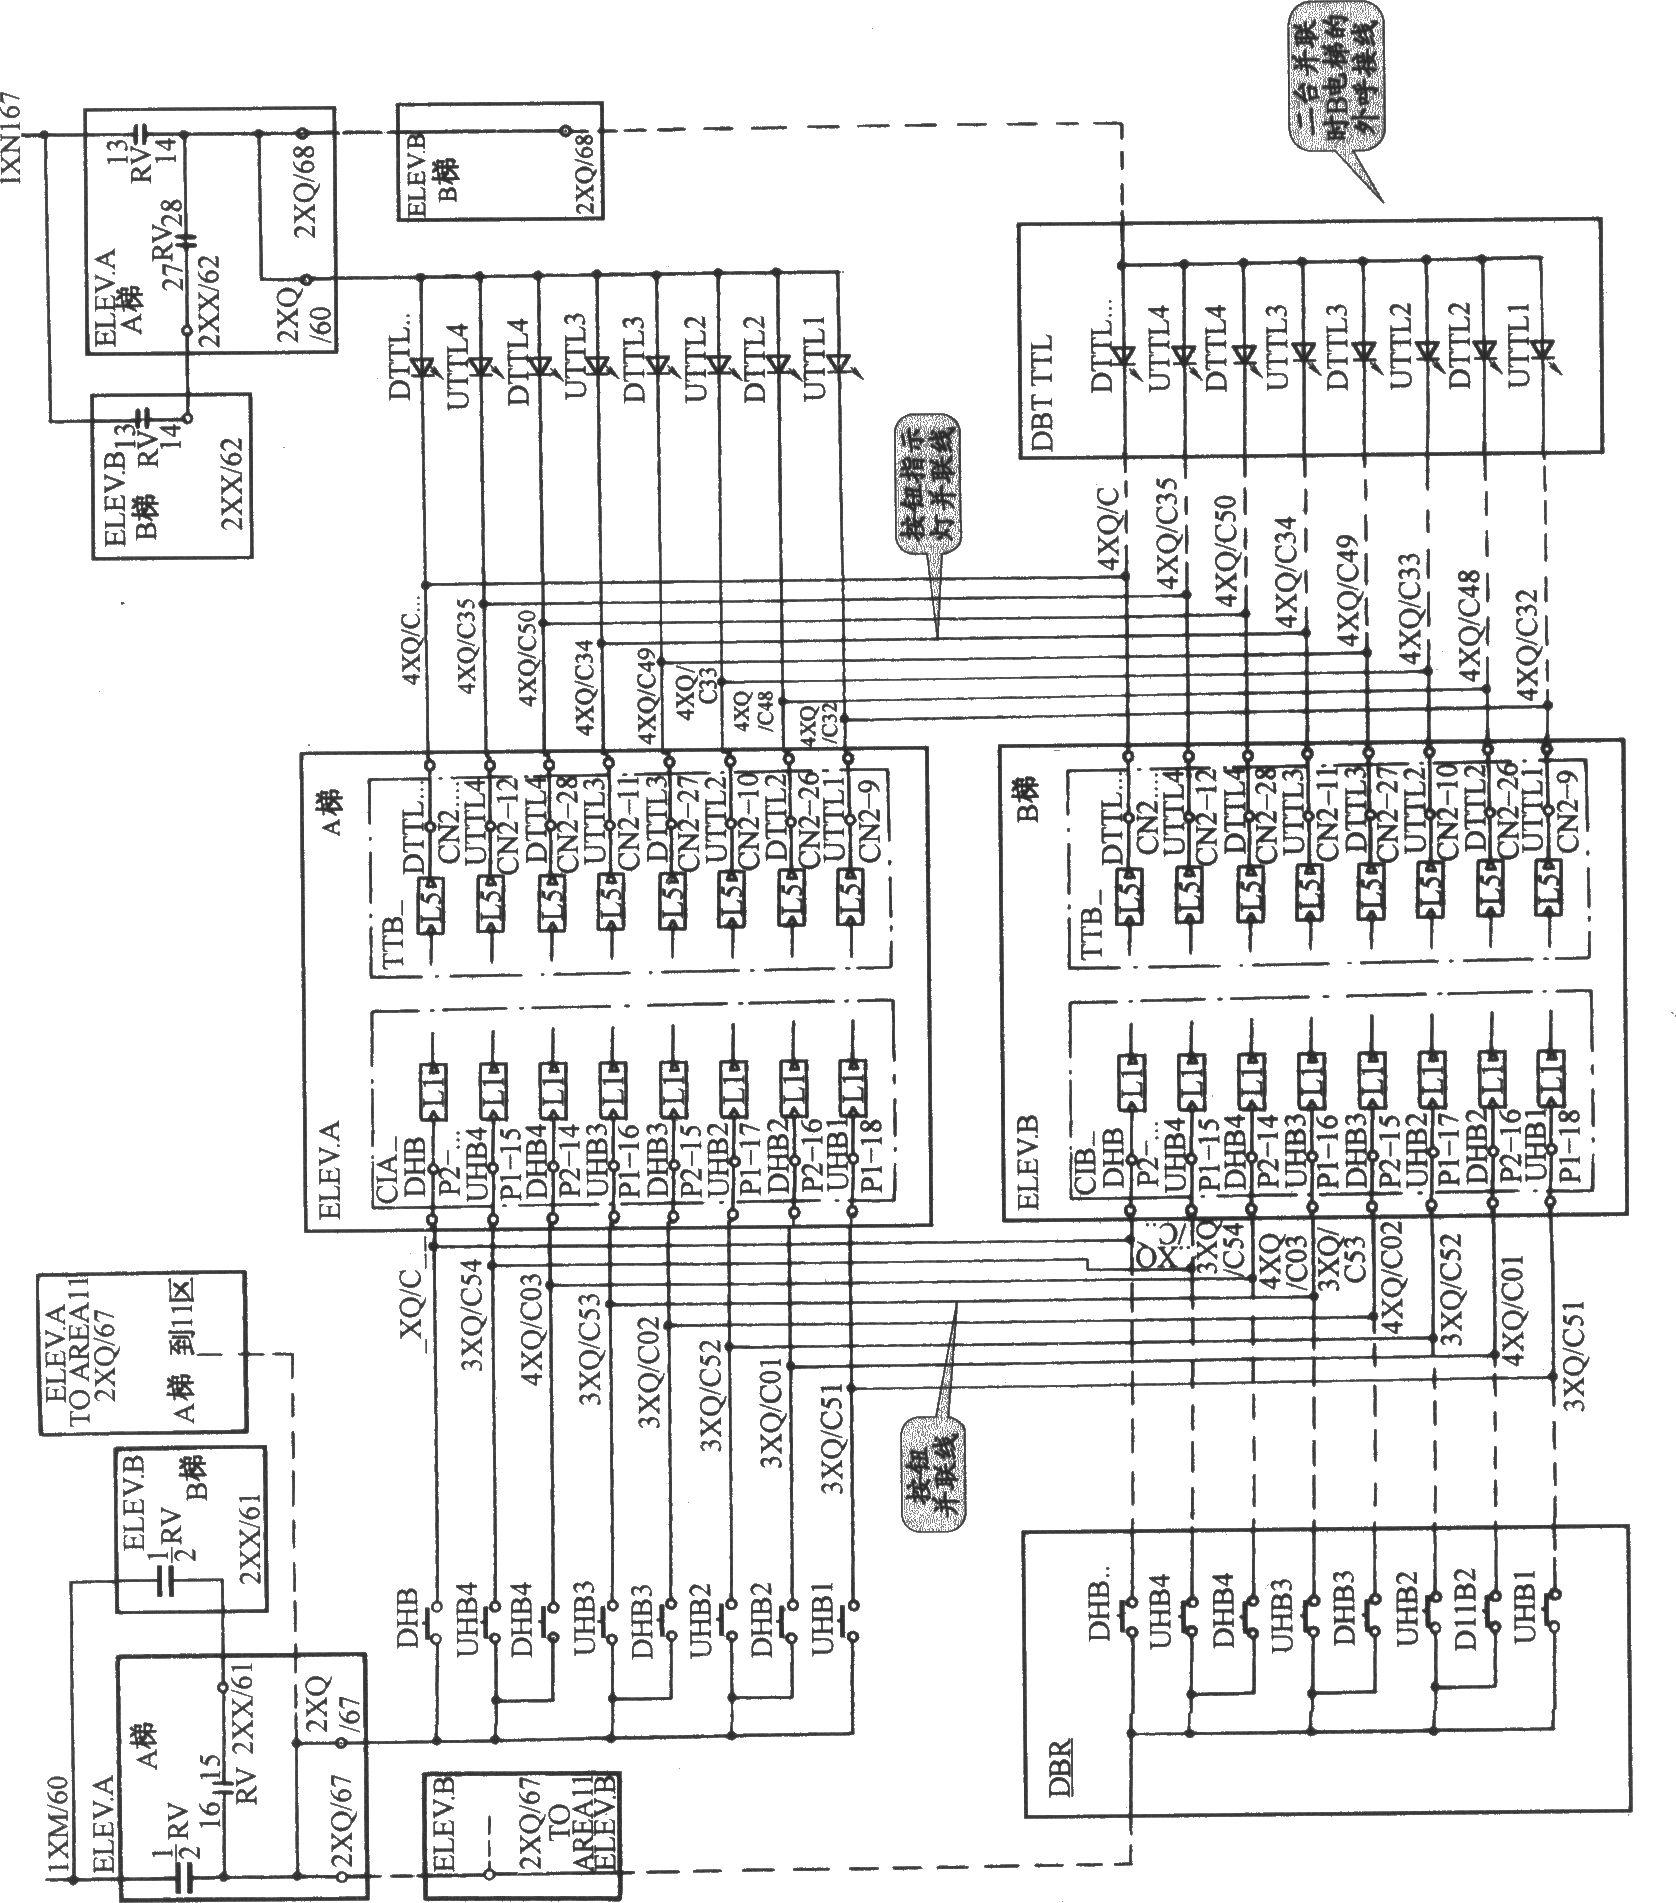 奥的斯toec-40电梯两台并联外呼按钮与指示灯电路